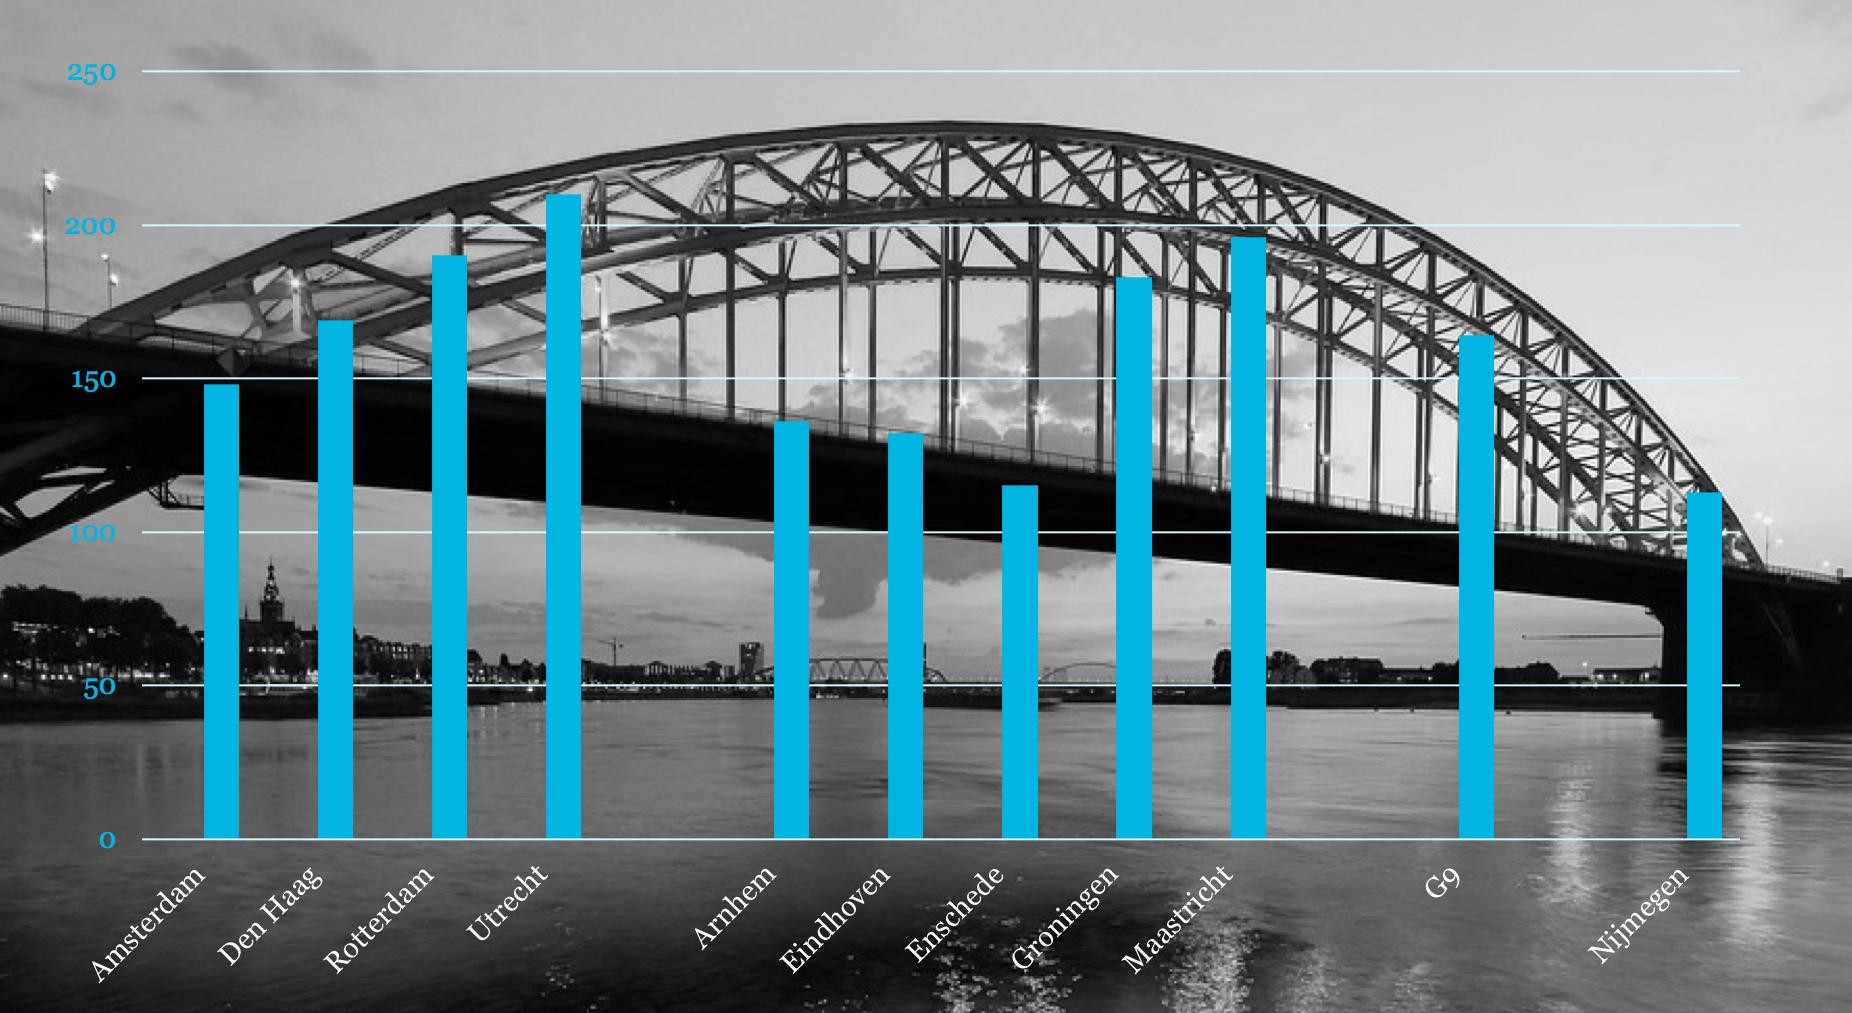 de brug over de Waal bij Nijmegen, met op voorgraond een grafiek met staafdiagram over andere Nederlandse steden